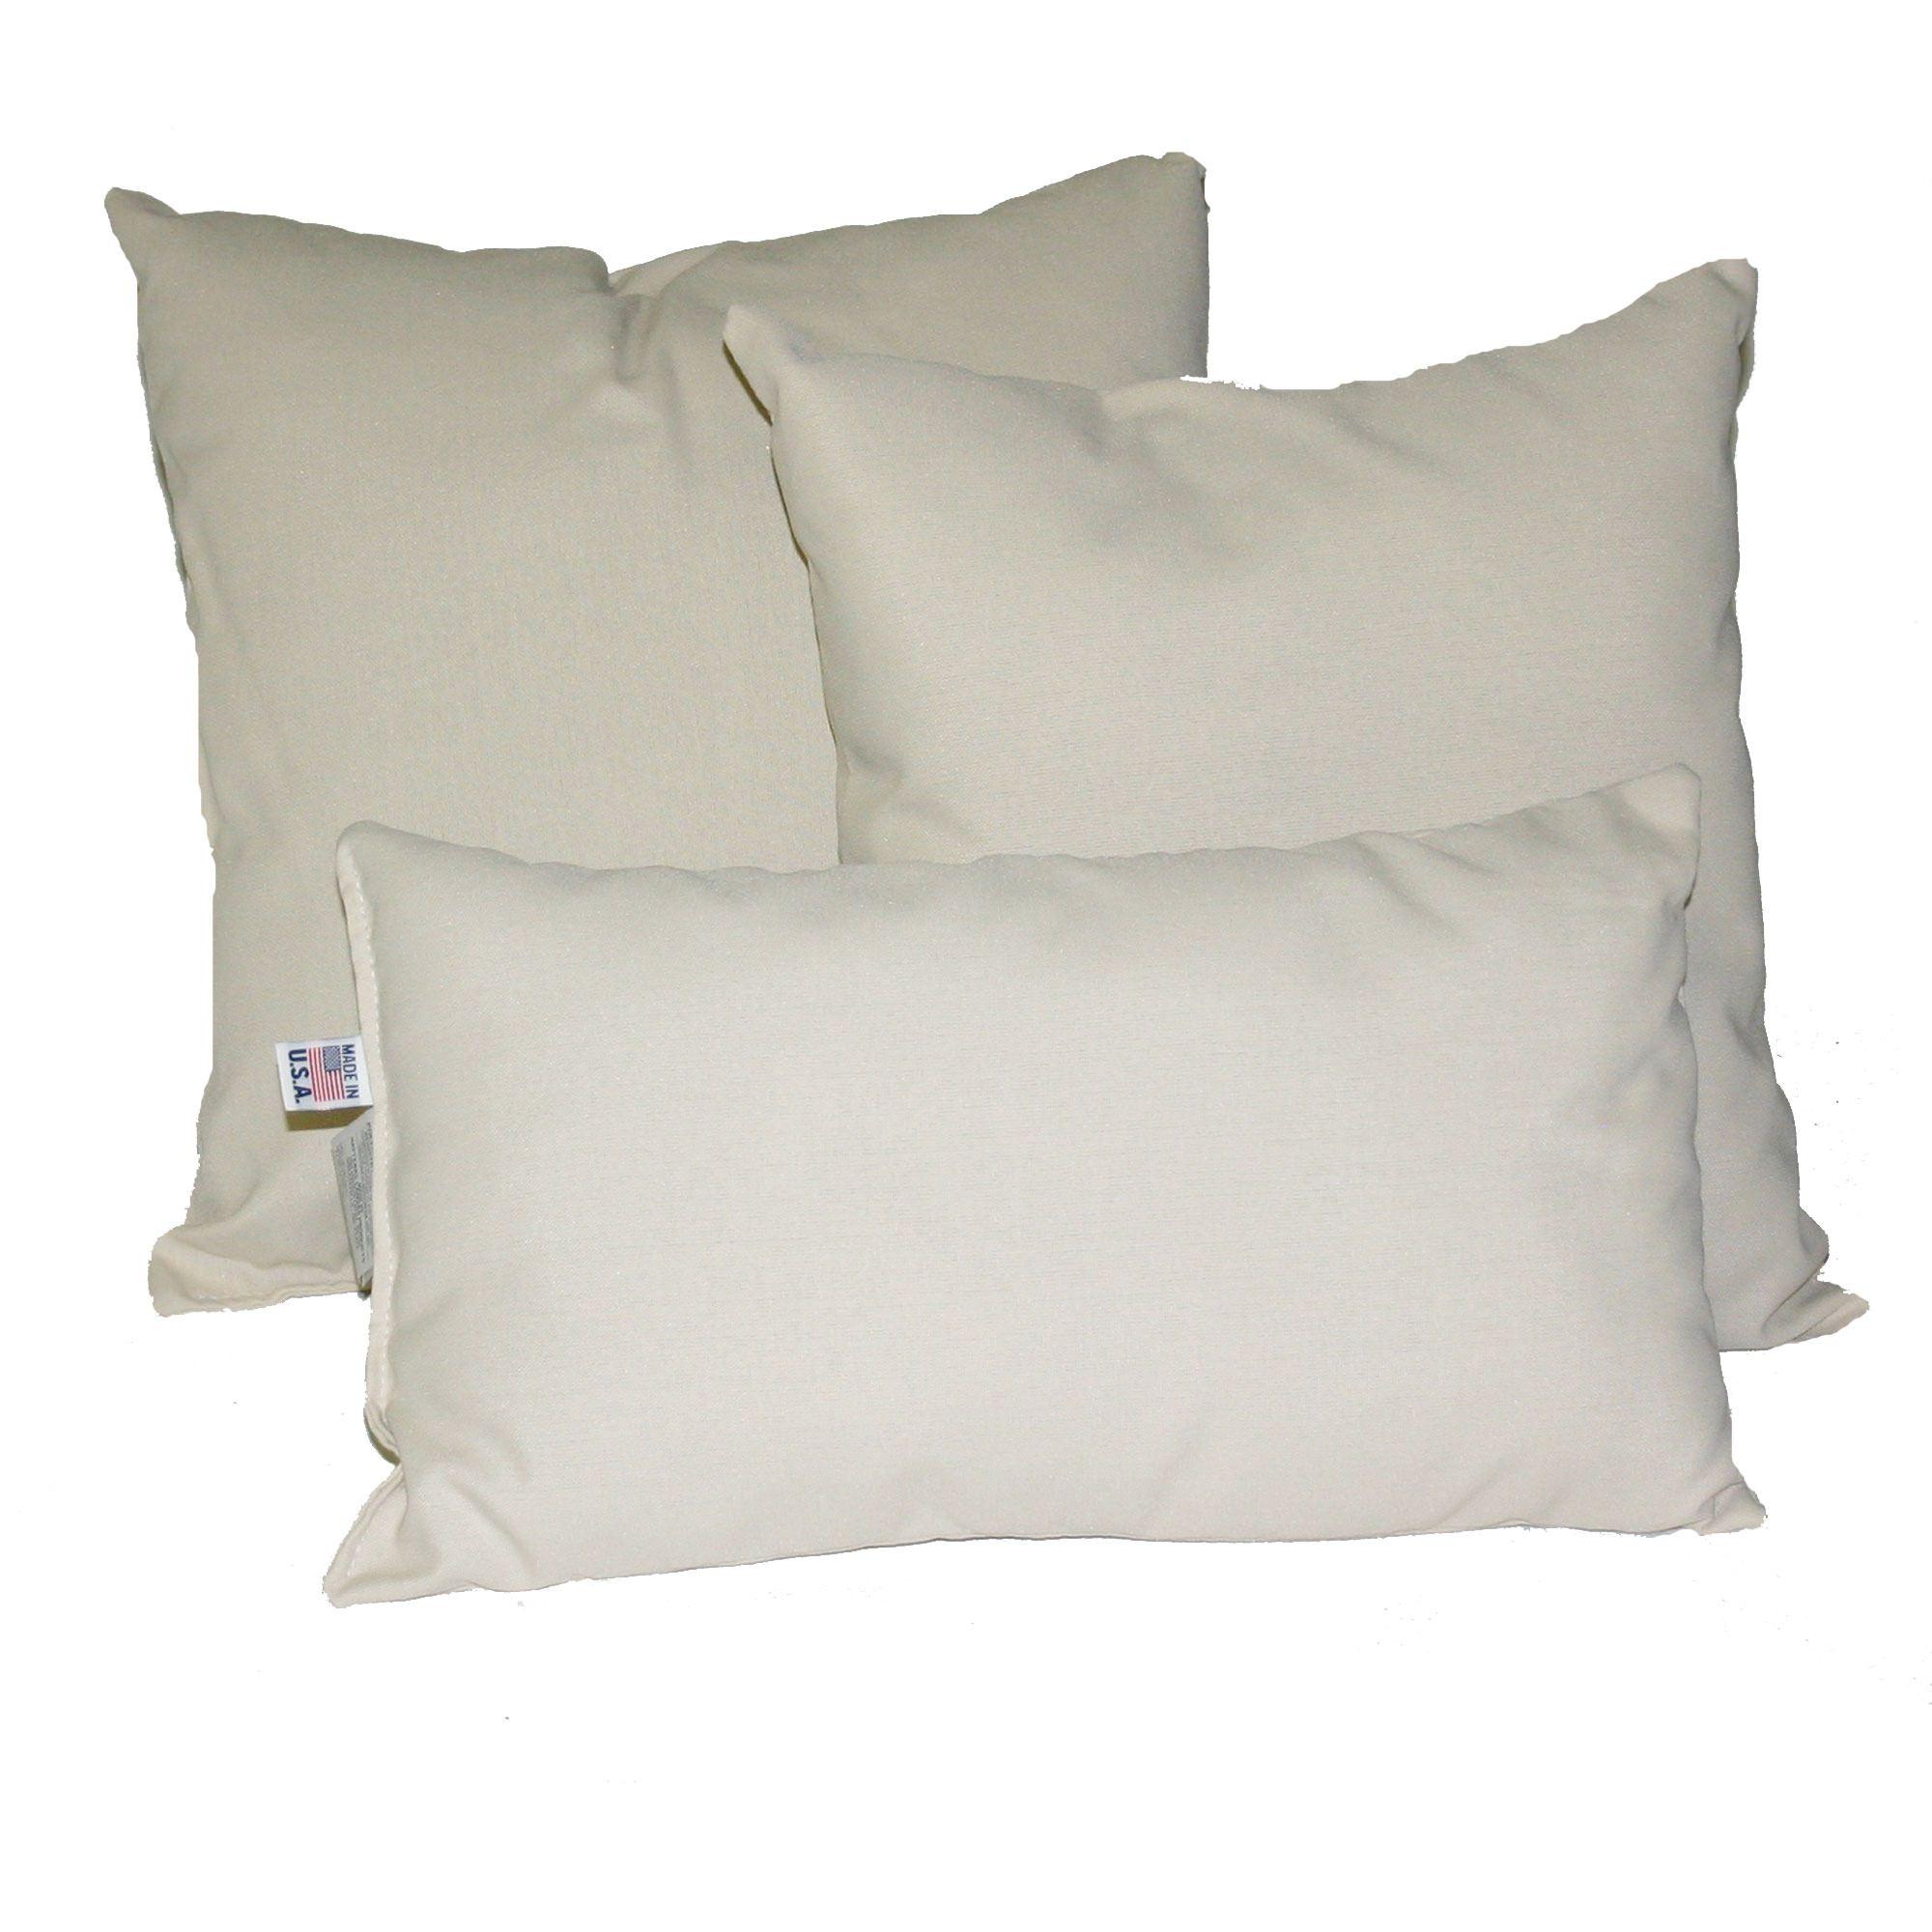 Oatmeal Sunbrella Outdoor Throw Pillow  DFOHome